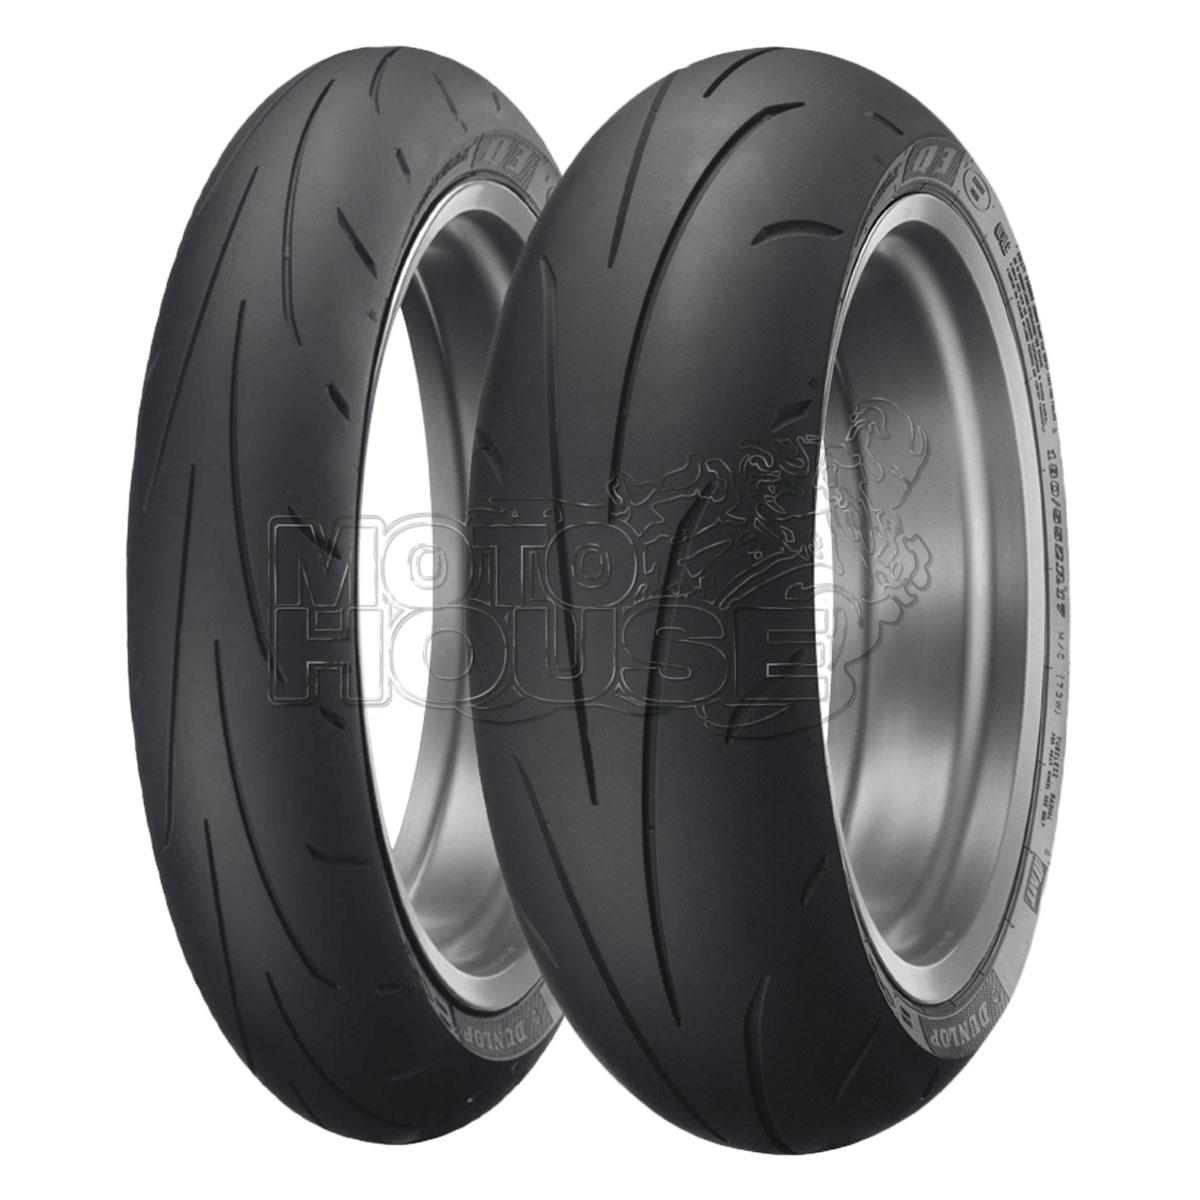 Llanta P/ Moto Dunlop Sportmax Q3 190/55-17 75w